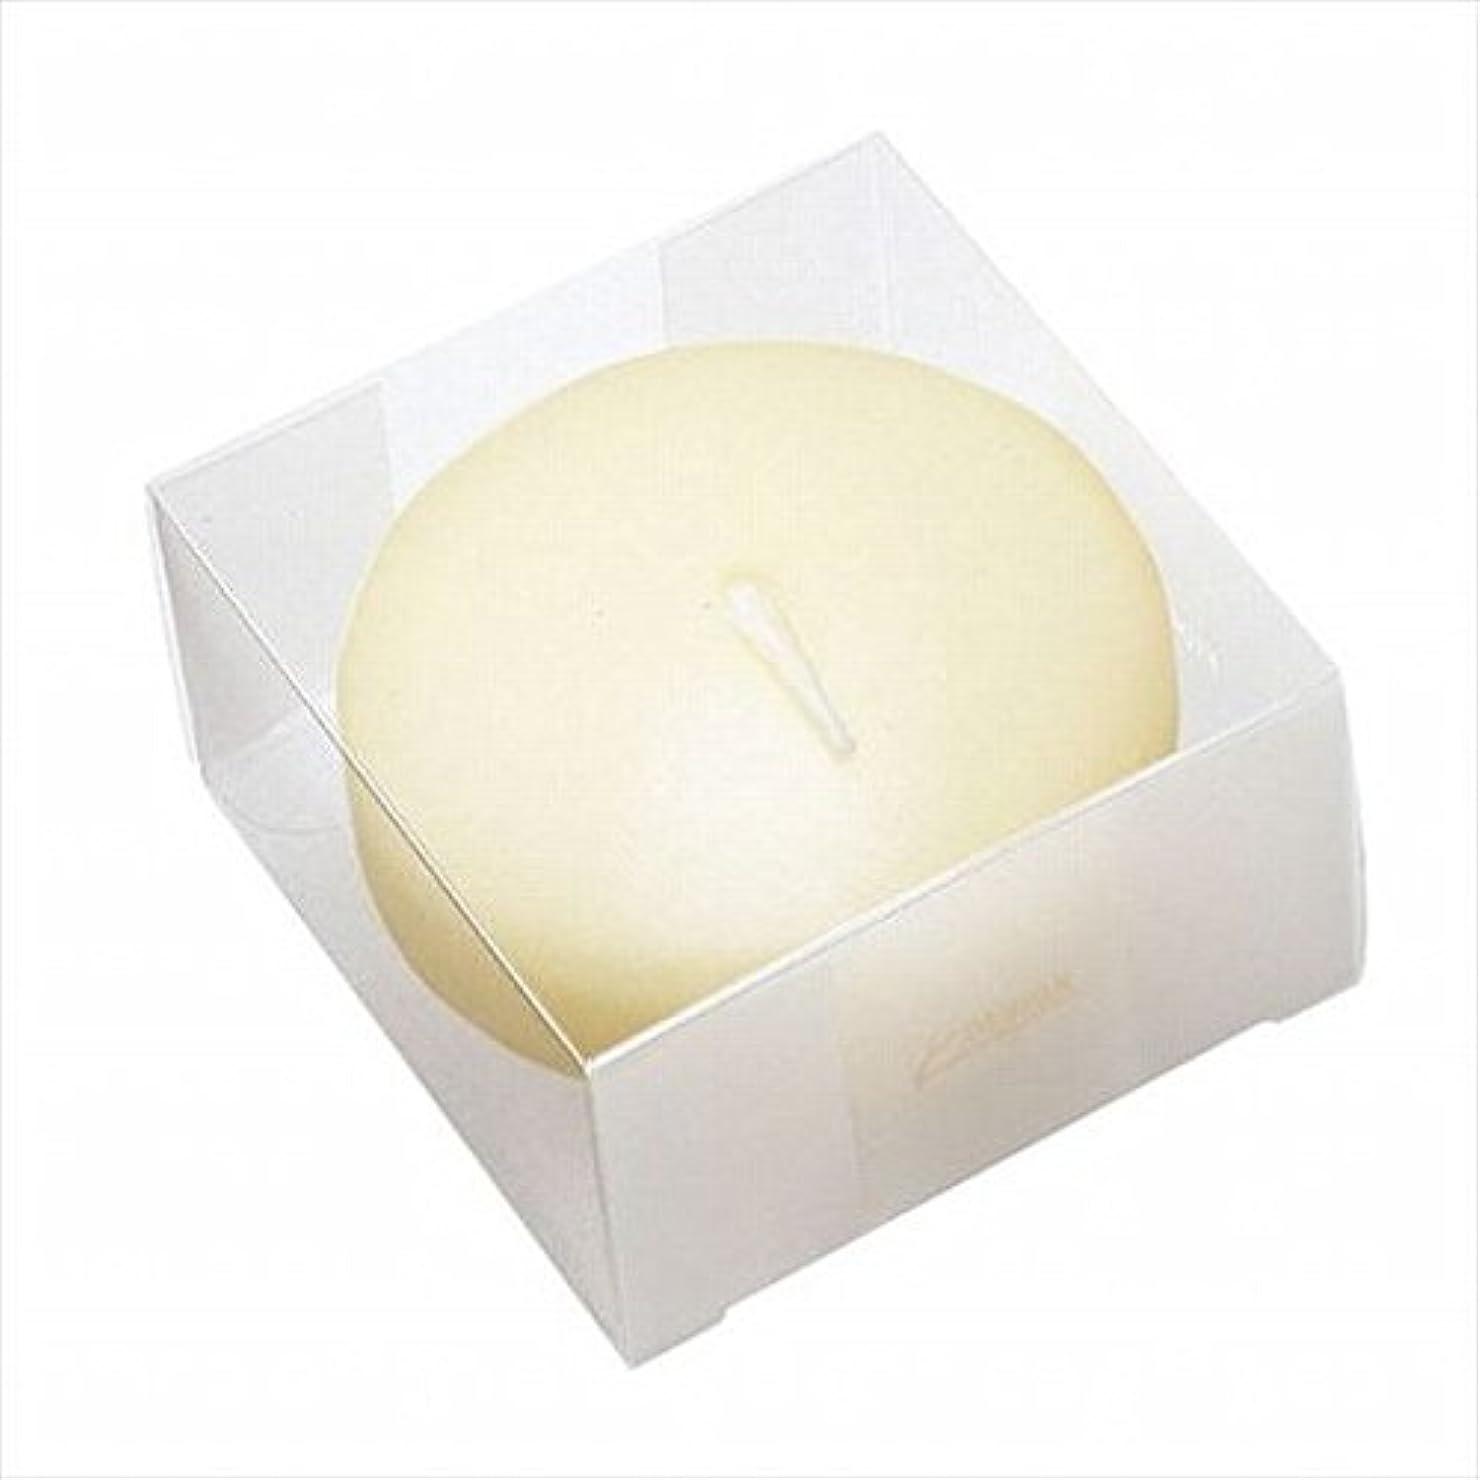 ピストン増幅昼食kameyama candle(カメヤマキャンドル) プール80(箱入り) 「 アイボリー 」 キャンドル 80x80x45mm (A7069050)